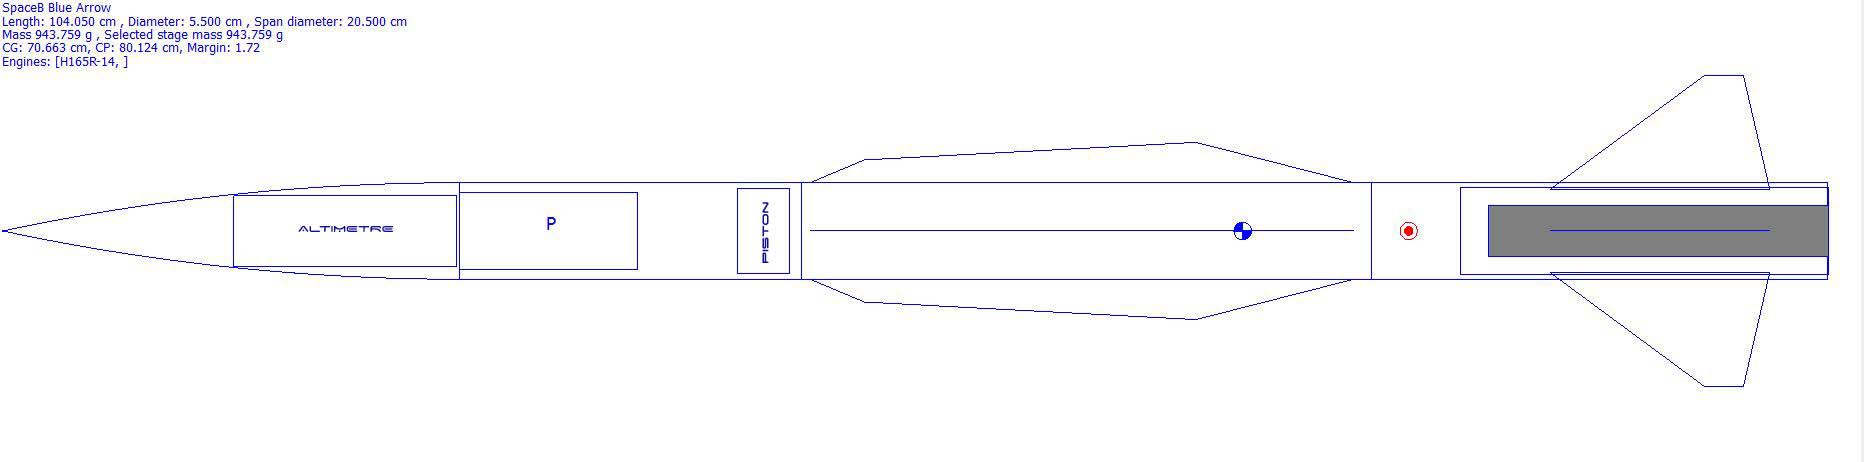 SpaceB -ArrowX1 pour le futur L1 SpaceB-Blue-Arrow-Rocksim1